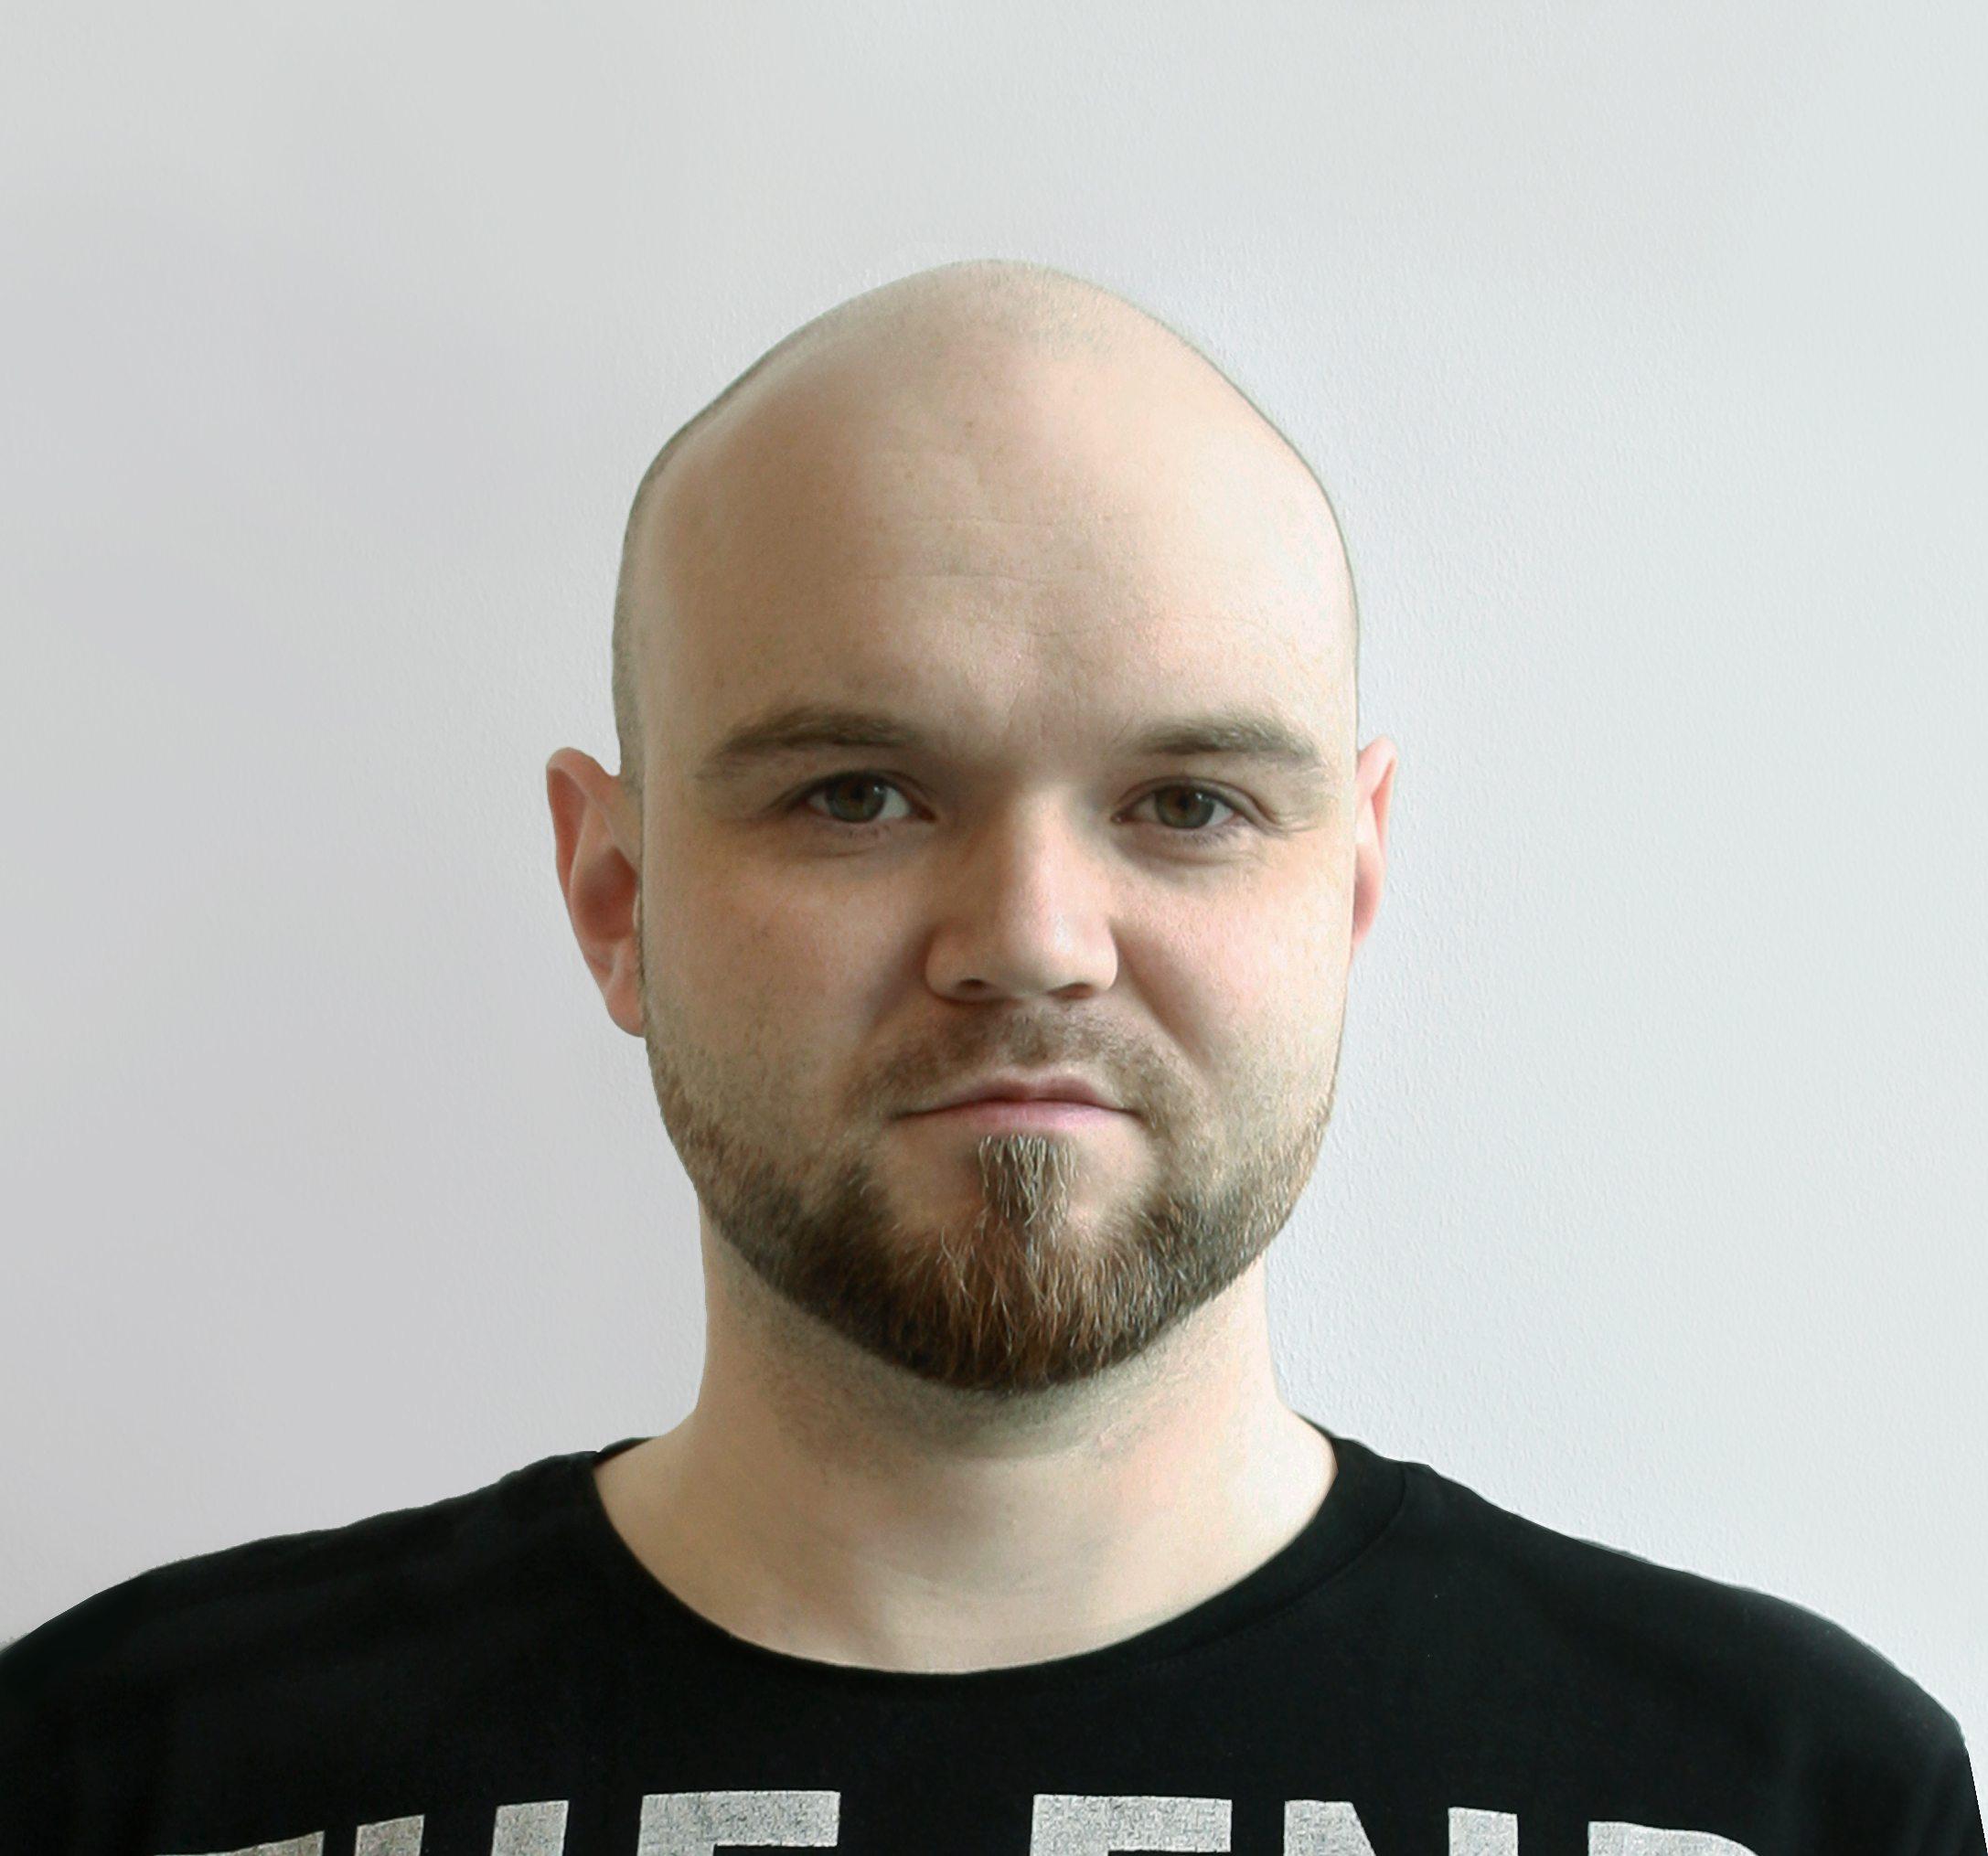 Krzysztof Kossak